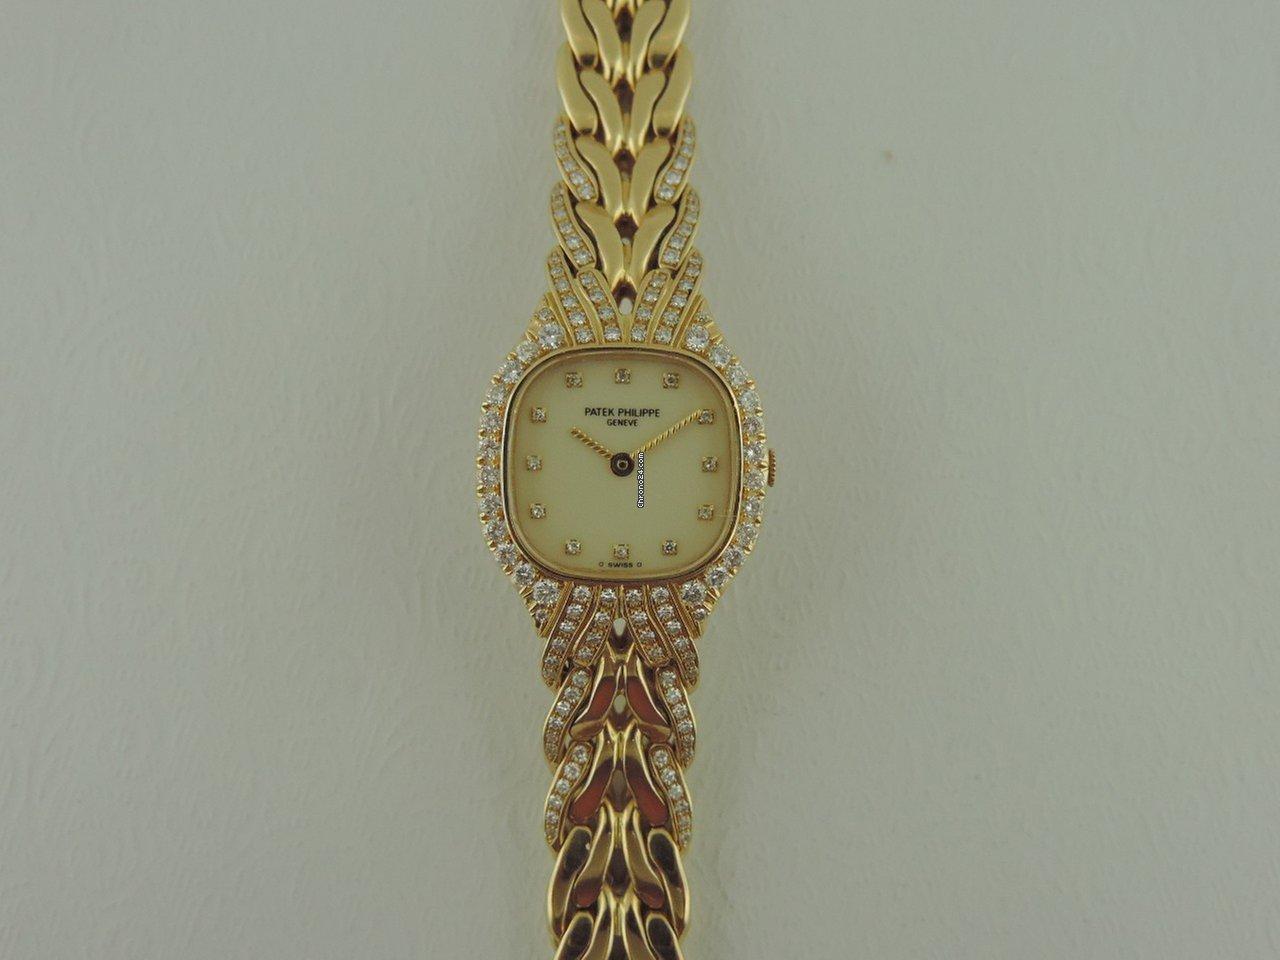 178376015ca5 Patek Philippe women s watches - 1